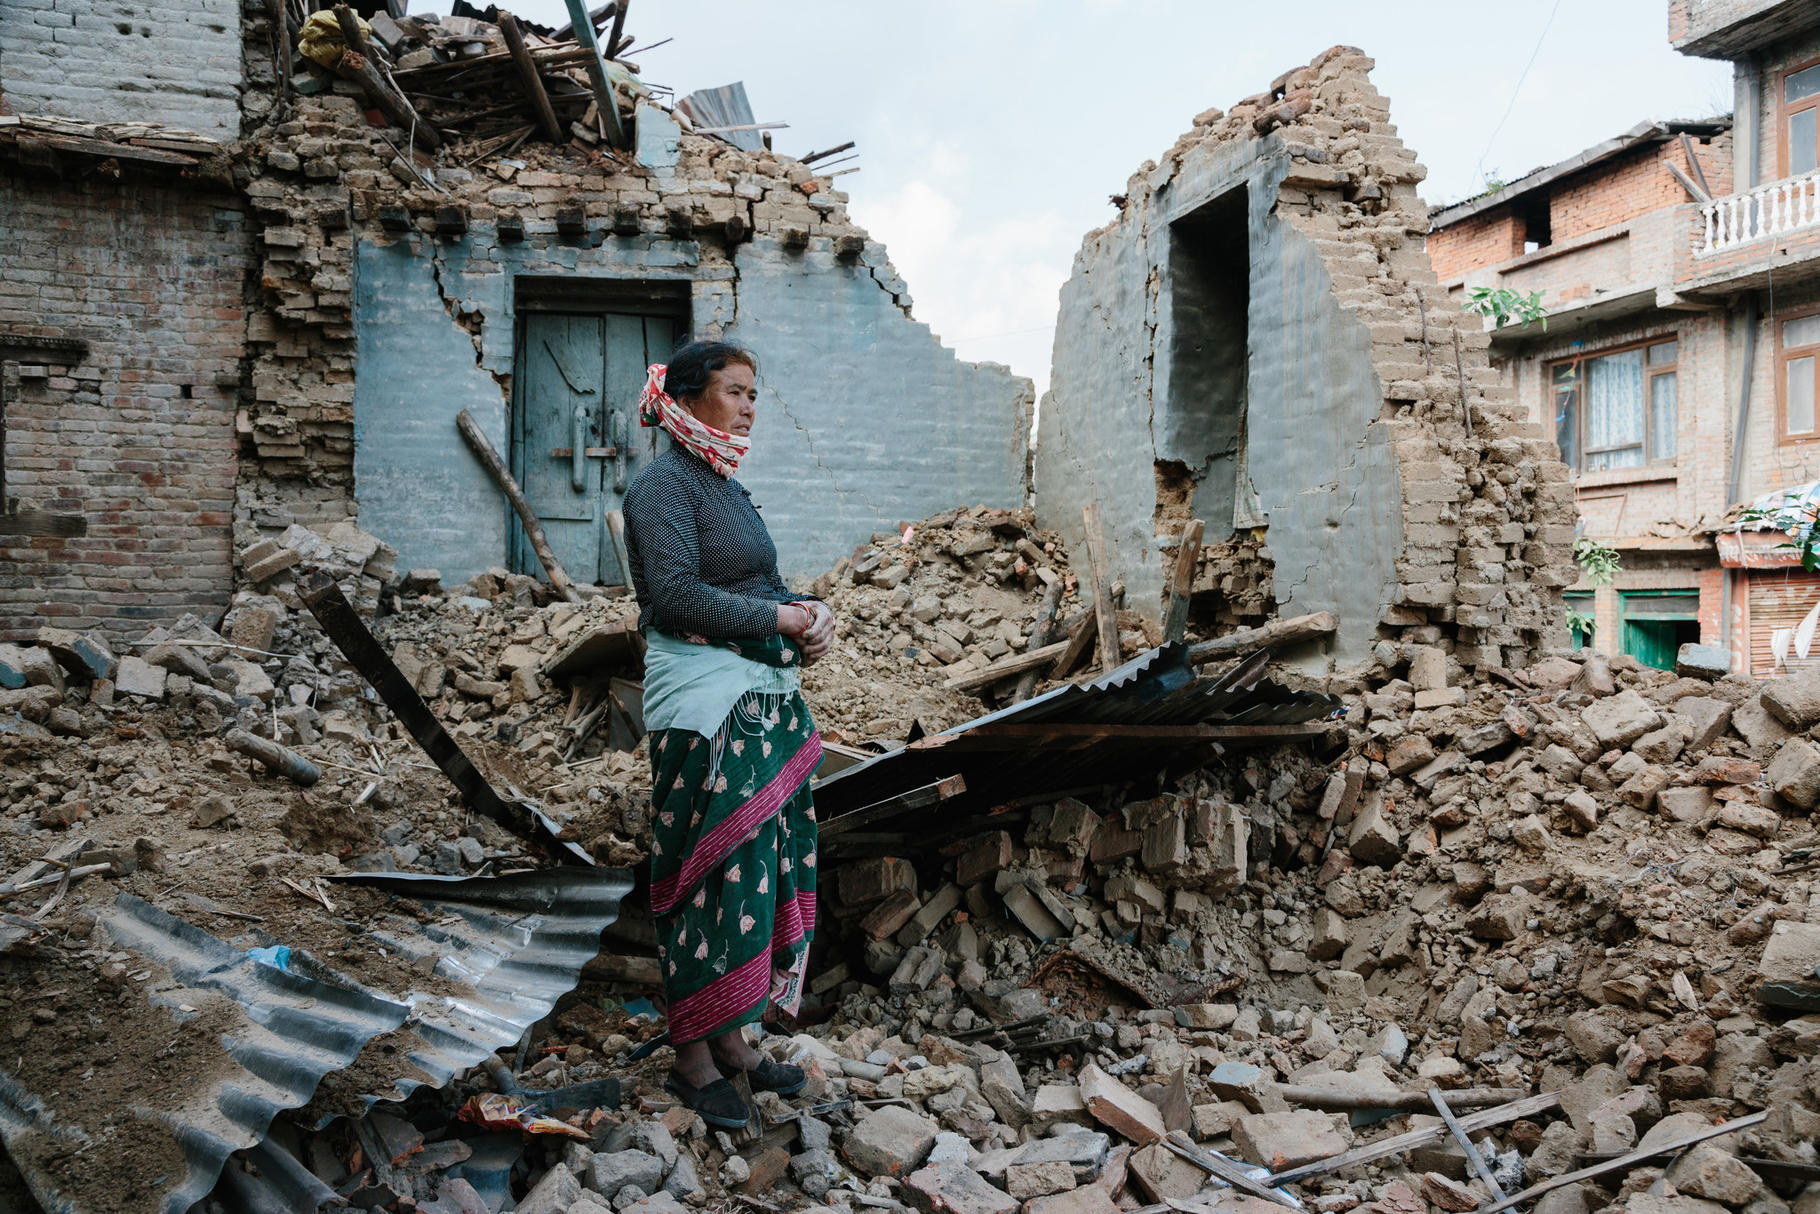 Eine Frau steht vor den Trümmern ihrer Hause in Nepal